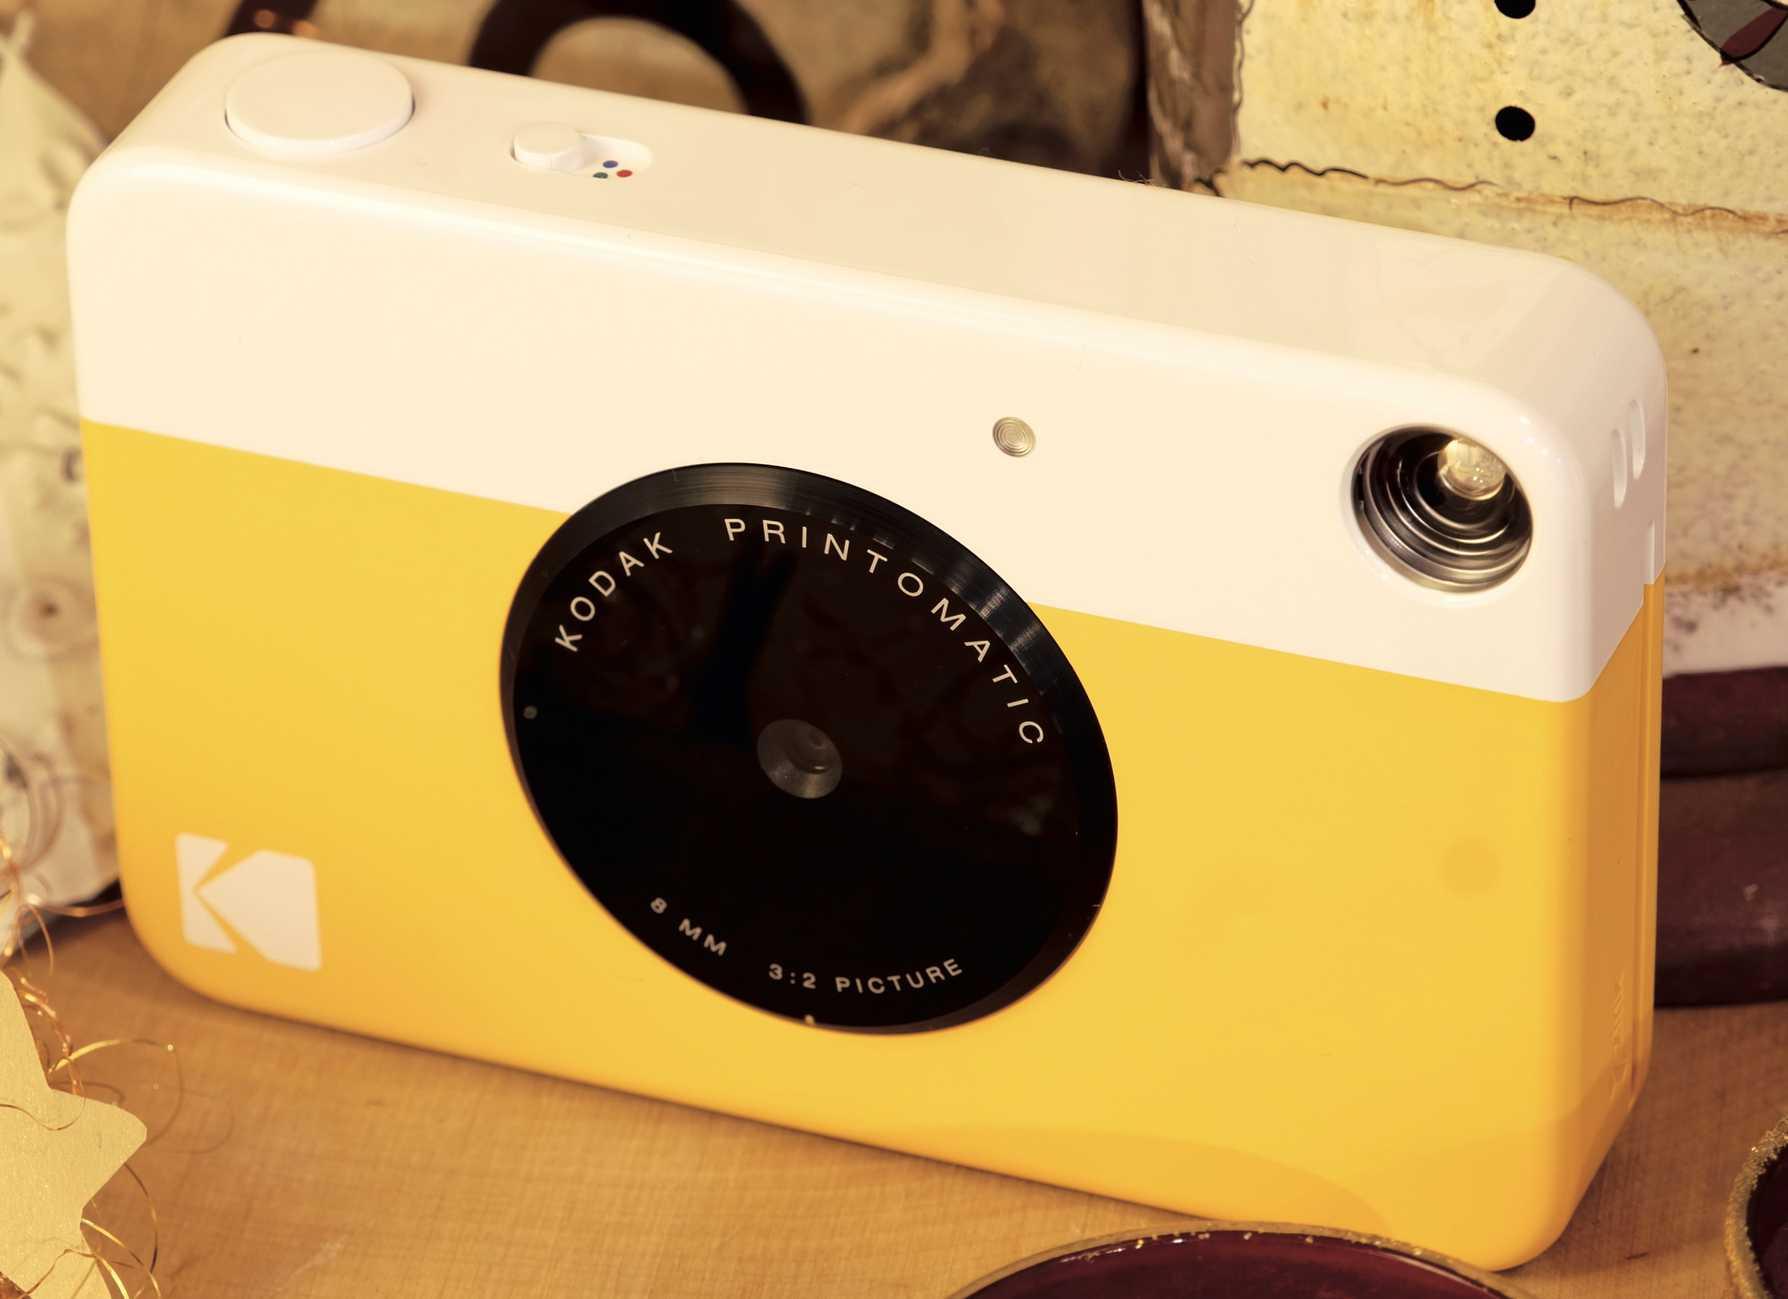 Die Kodak Printomatic lässt sich einfach bedienen und nimmt nicht viel Platz in der Tasche ein.